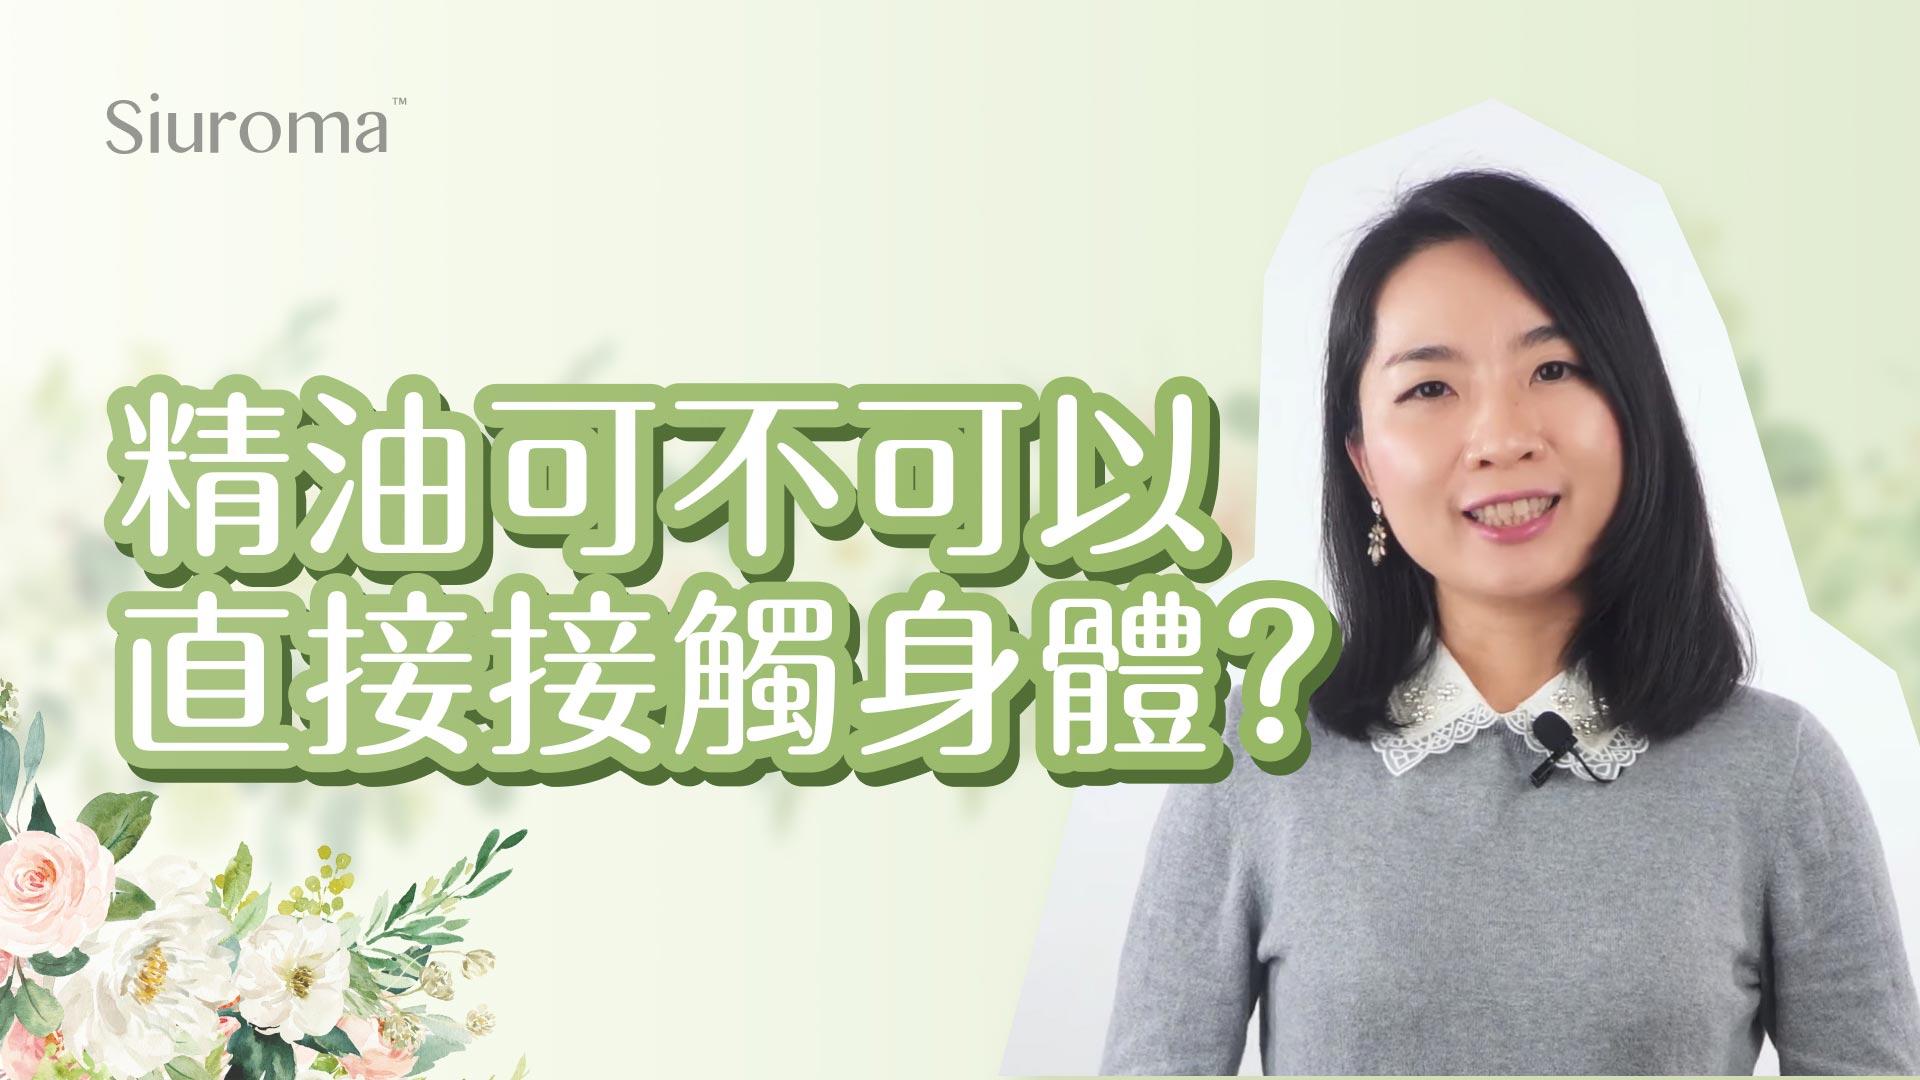 精油可以直接接觸身體嗎?   精油具有刺激性,使用前請使用植物油稀釋